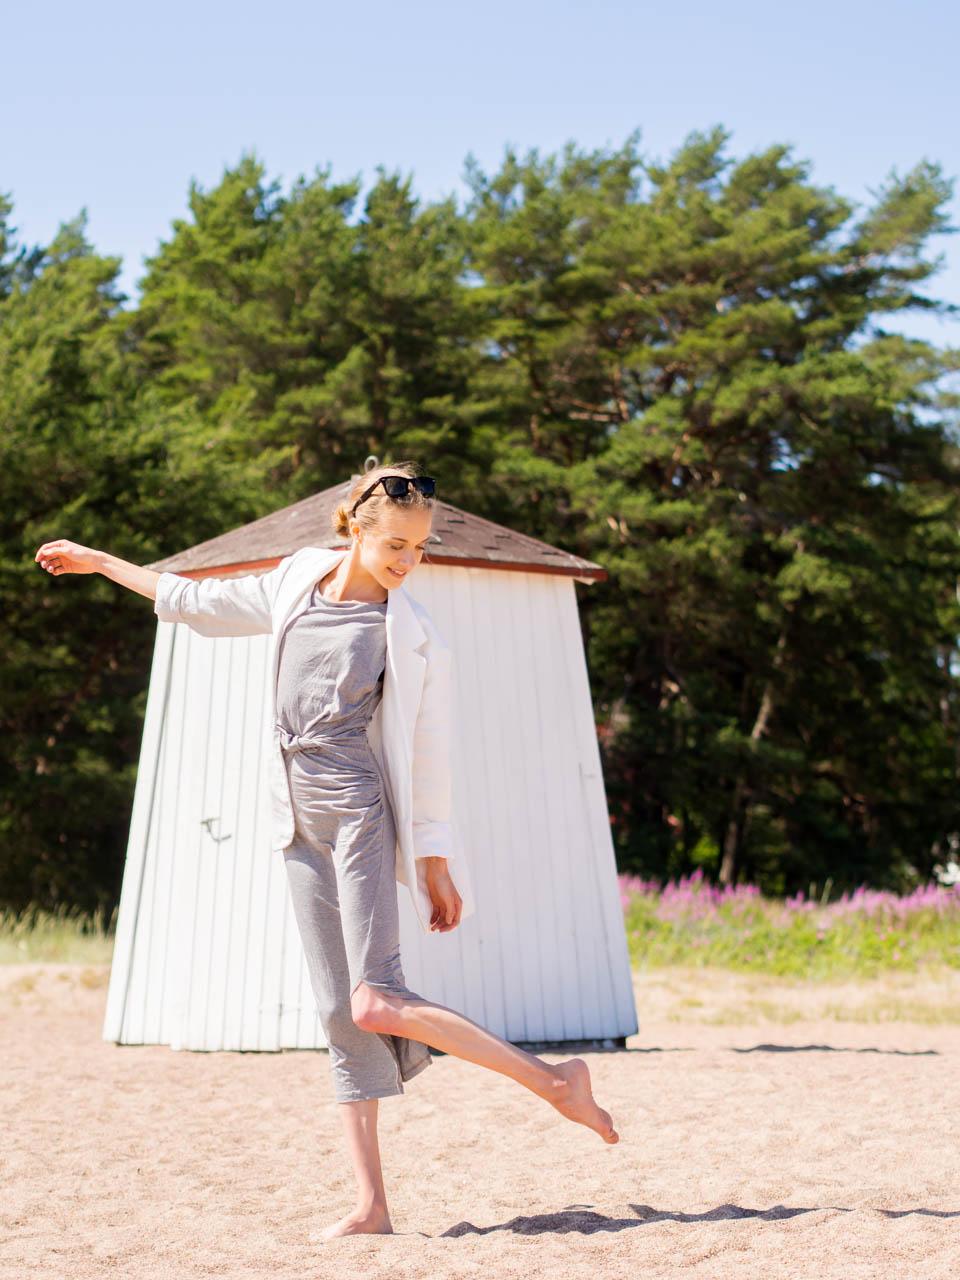 scandinavian-fashion-blogger-style-outfit-grey-dress-white-linen-blazer-beach-summer-hanko-mekko-pellava-bleiseri-muotiblogi-bloggaaja-kesä-hanko